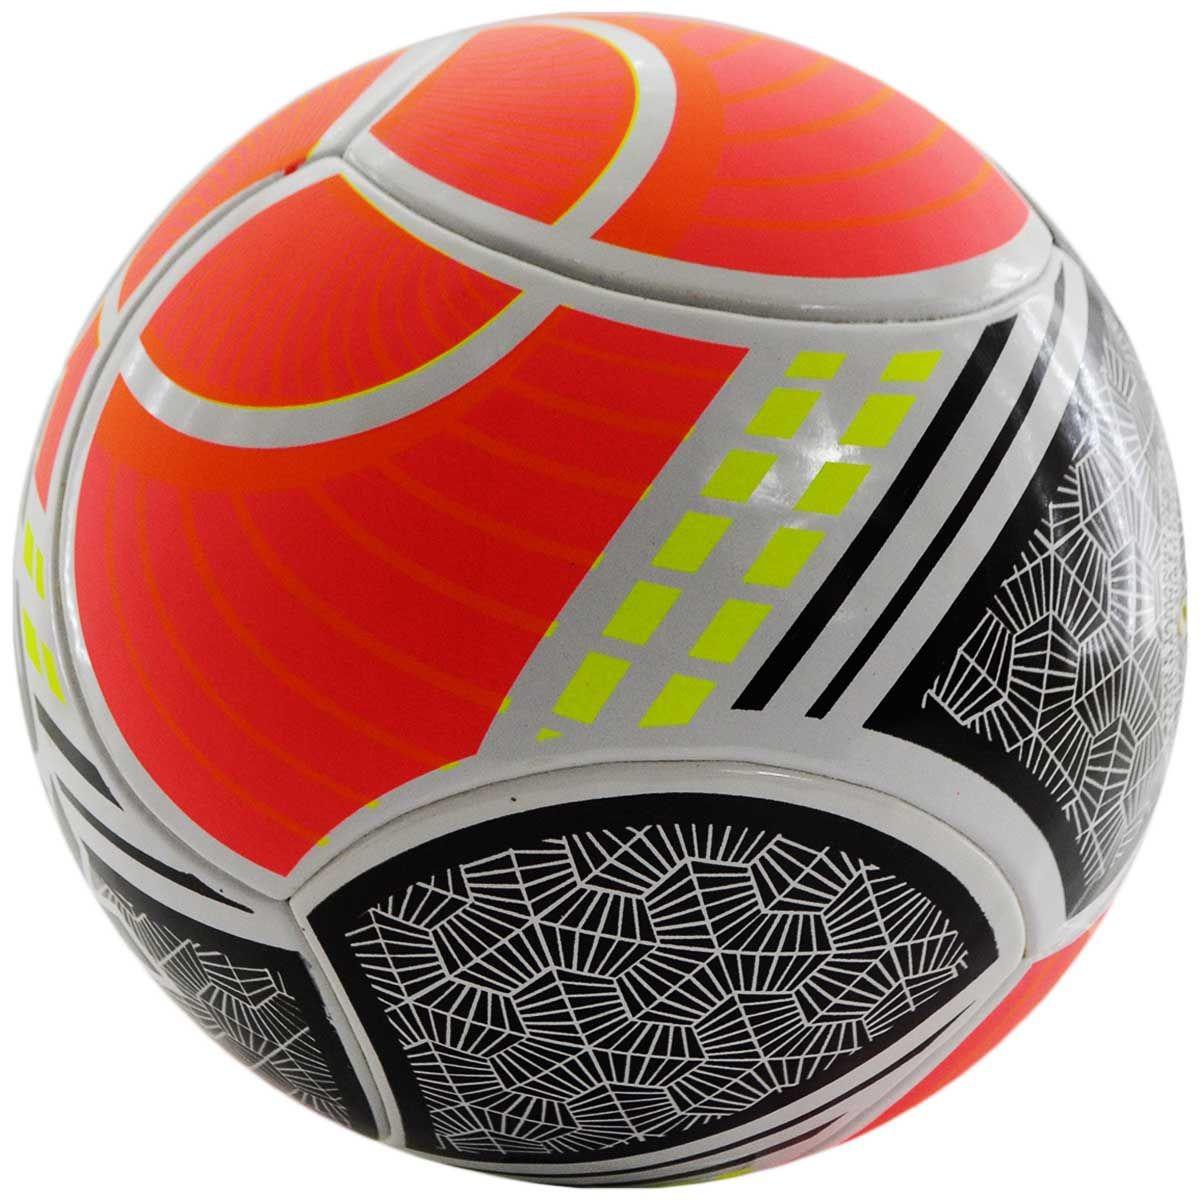 2a978b2b9b kit c  3 bolas dray termofusion futsal pro impermeável + nf. Carregando  zoom.